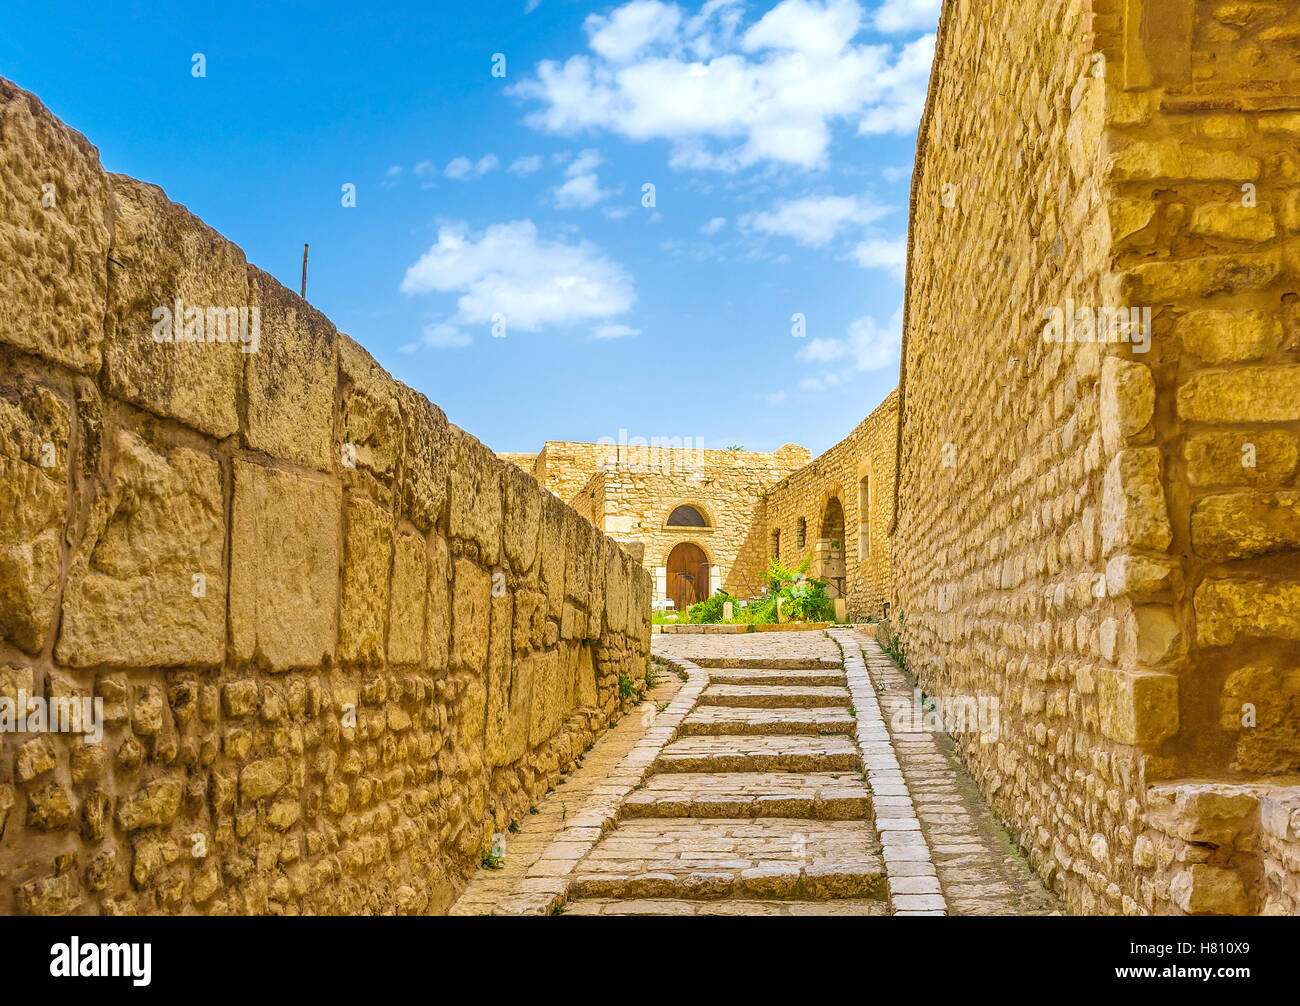 Dem schmalen Pfad zwischen großen und kleinen Forts der Kasbah, El Kef, Tunesien. Stockbild